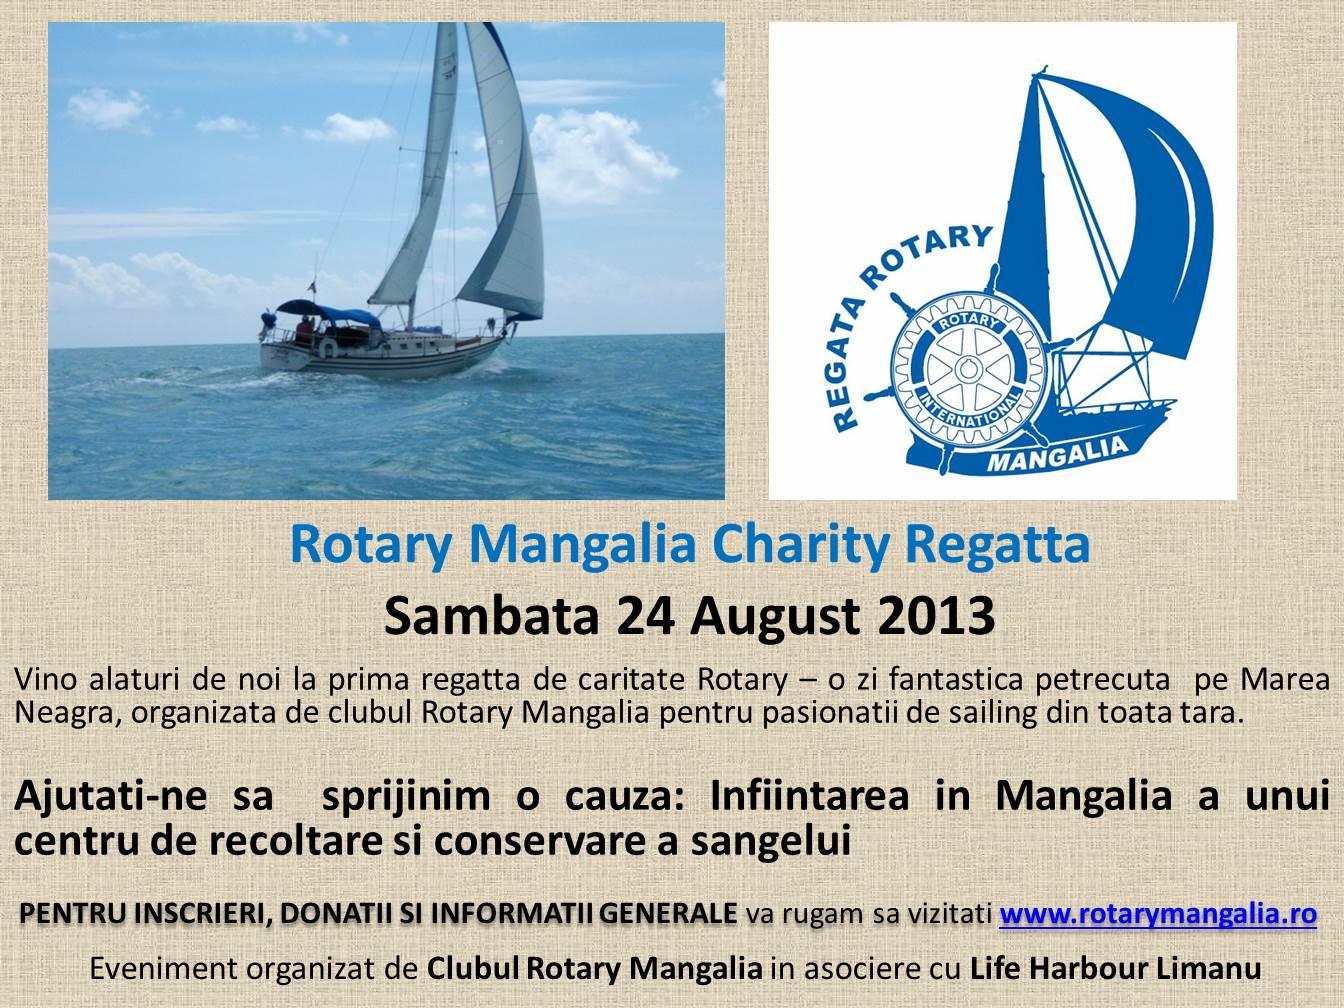 Regata de caritate Rotary Mangalia